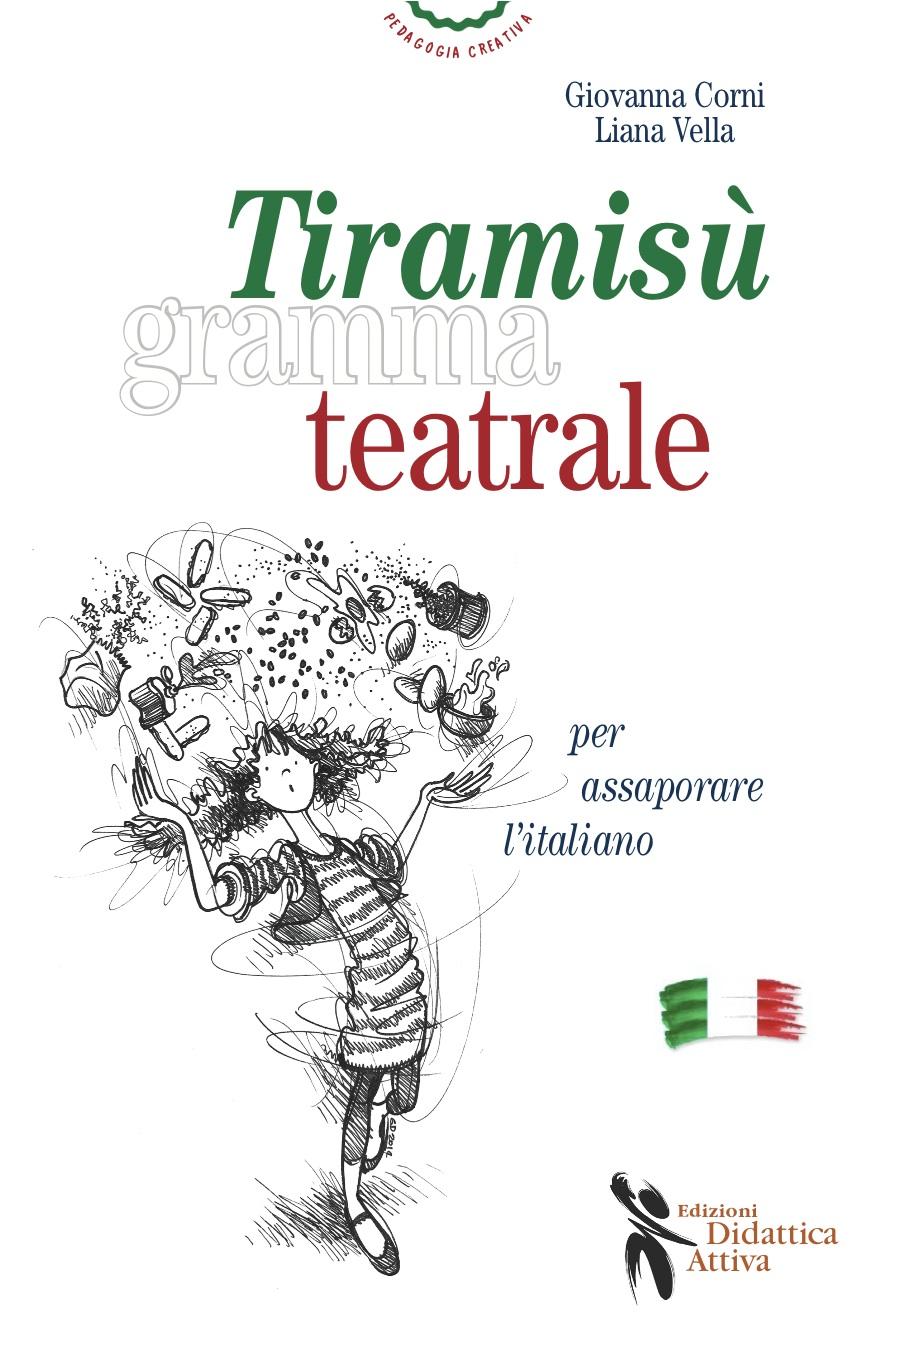 Associazione Multiker - Copertina Tiramisù gramma teatrale